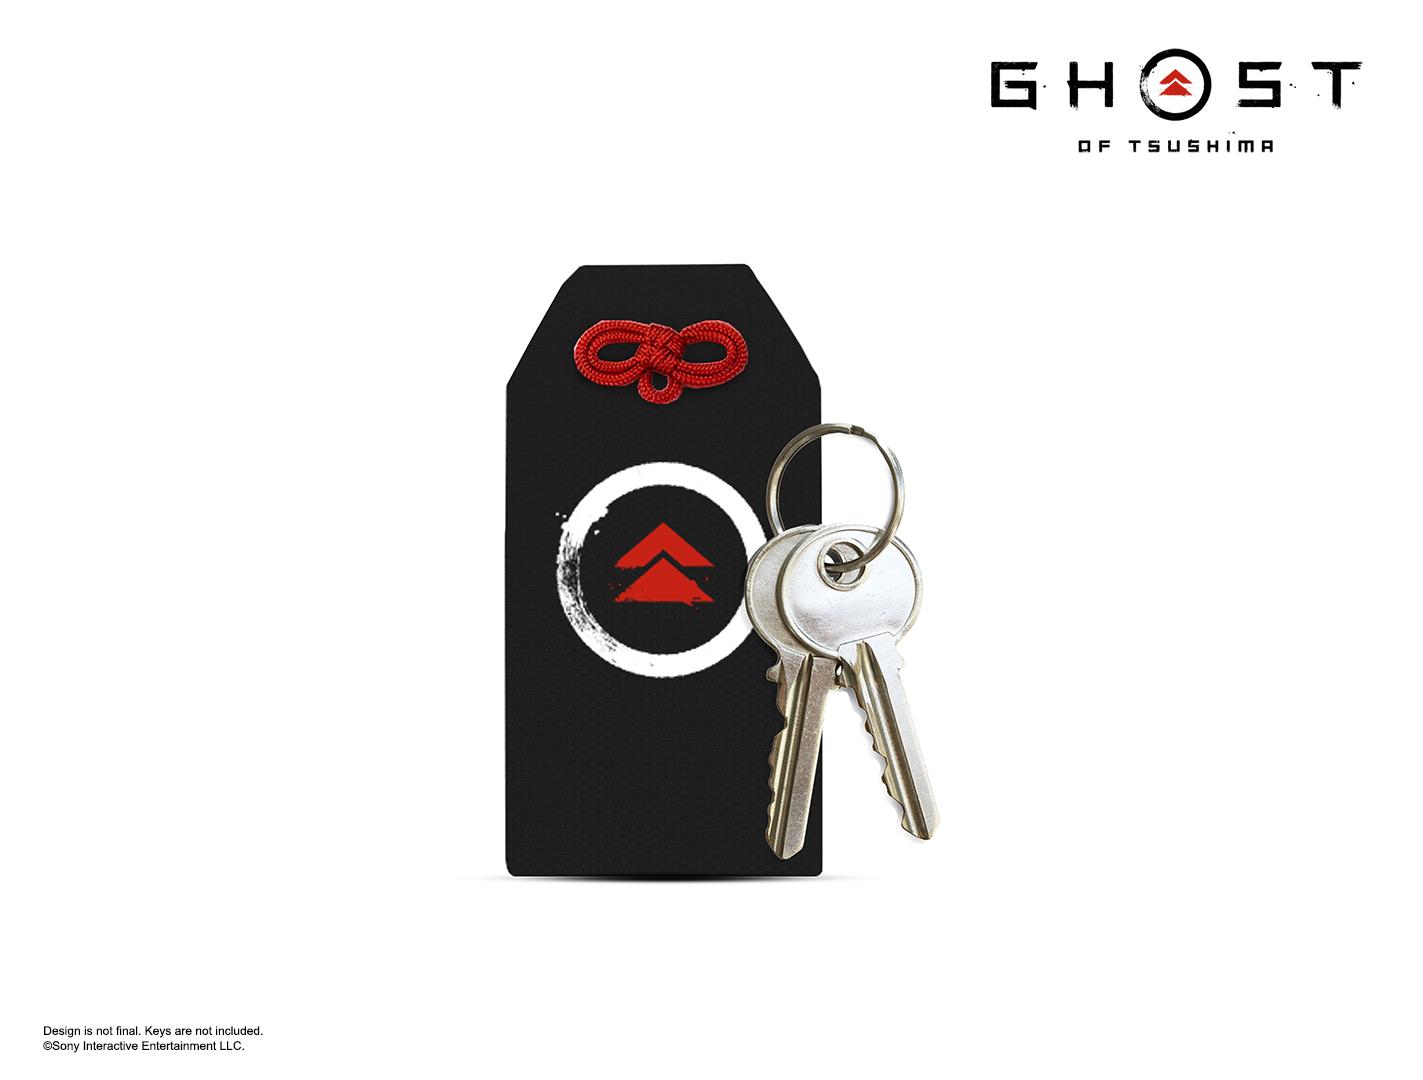 《对马岛之鬼》港版实体版6月10日预订开启 送钥匙扣